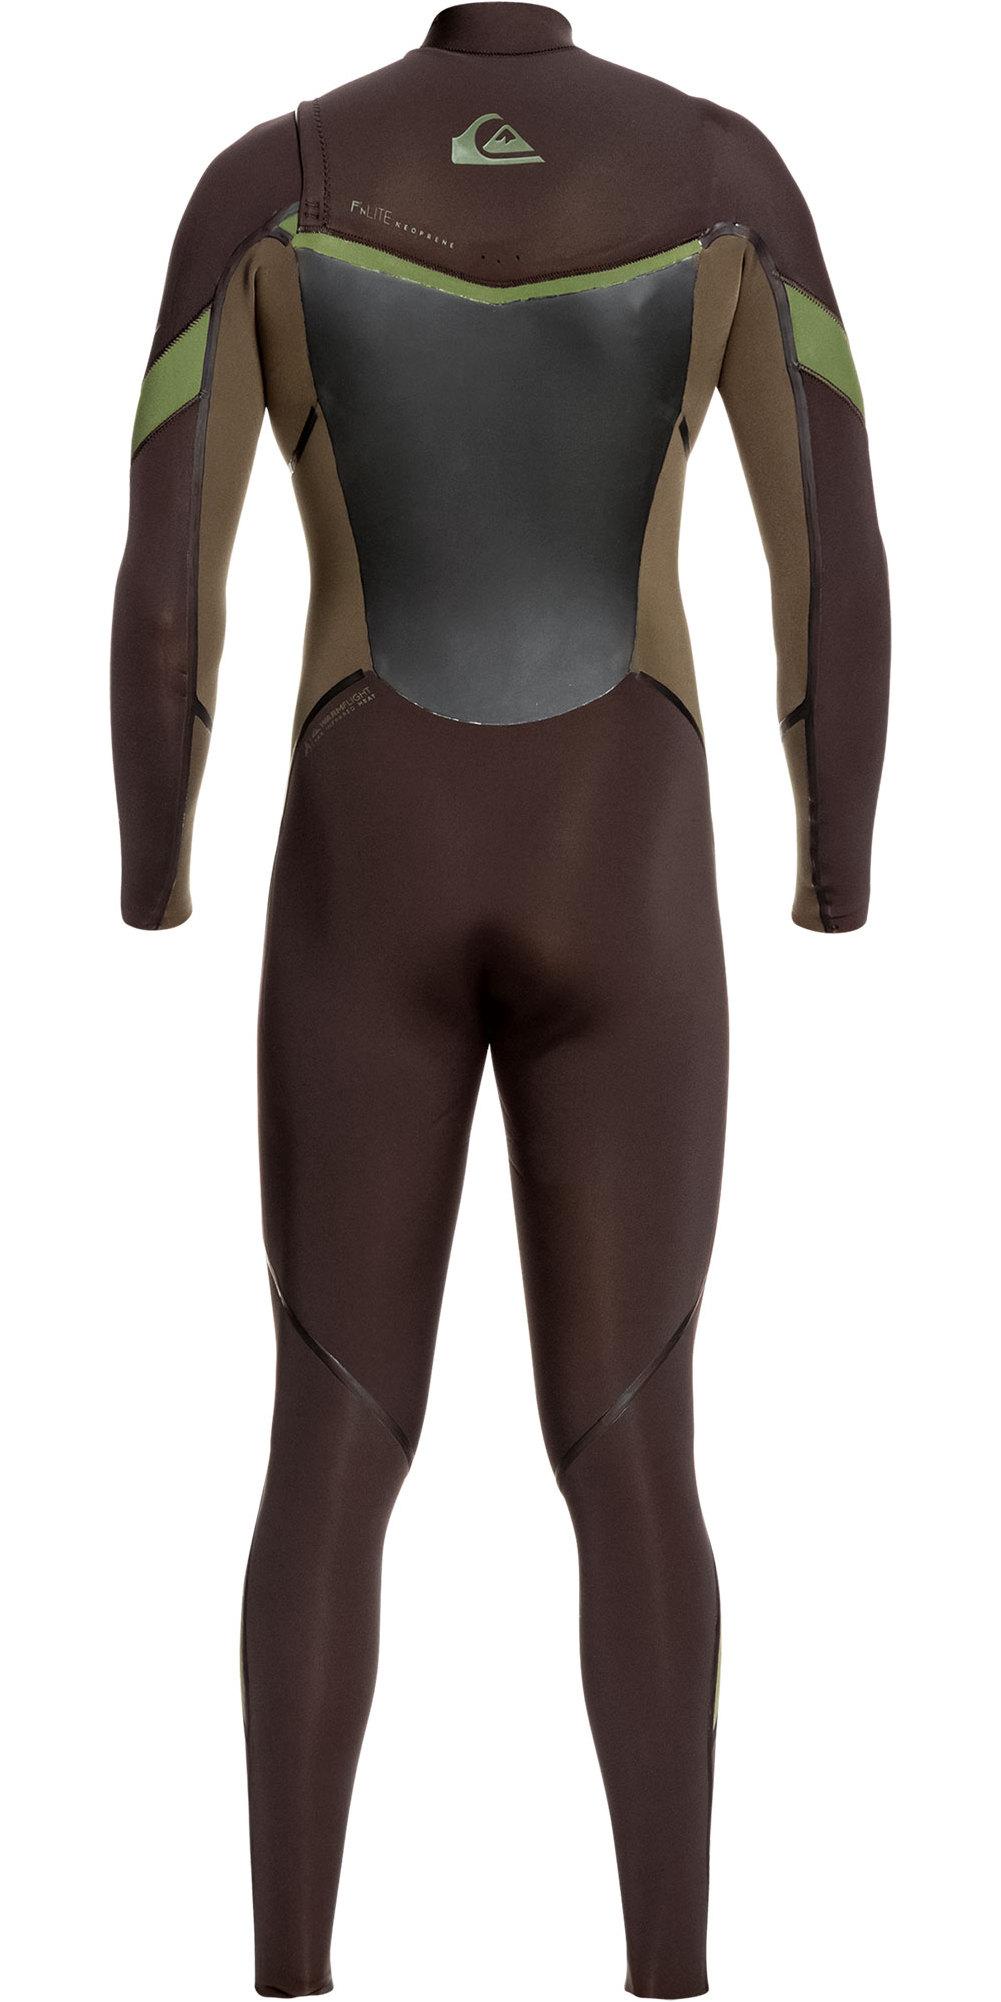 2019 Quiksilver Mens Syncro Plus 5/4/3mm Chest Zip Wetsuit Velvet Brown / Dark Beech EQYW103083